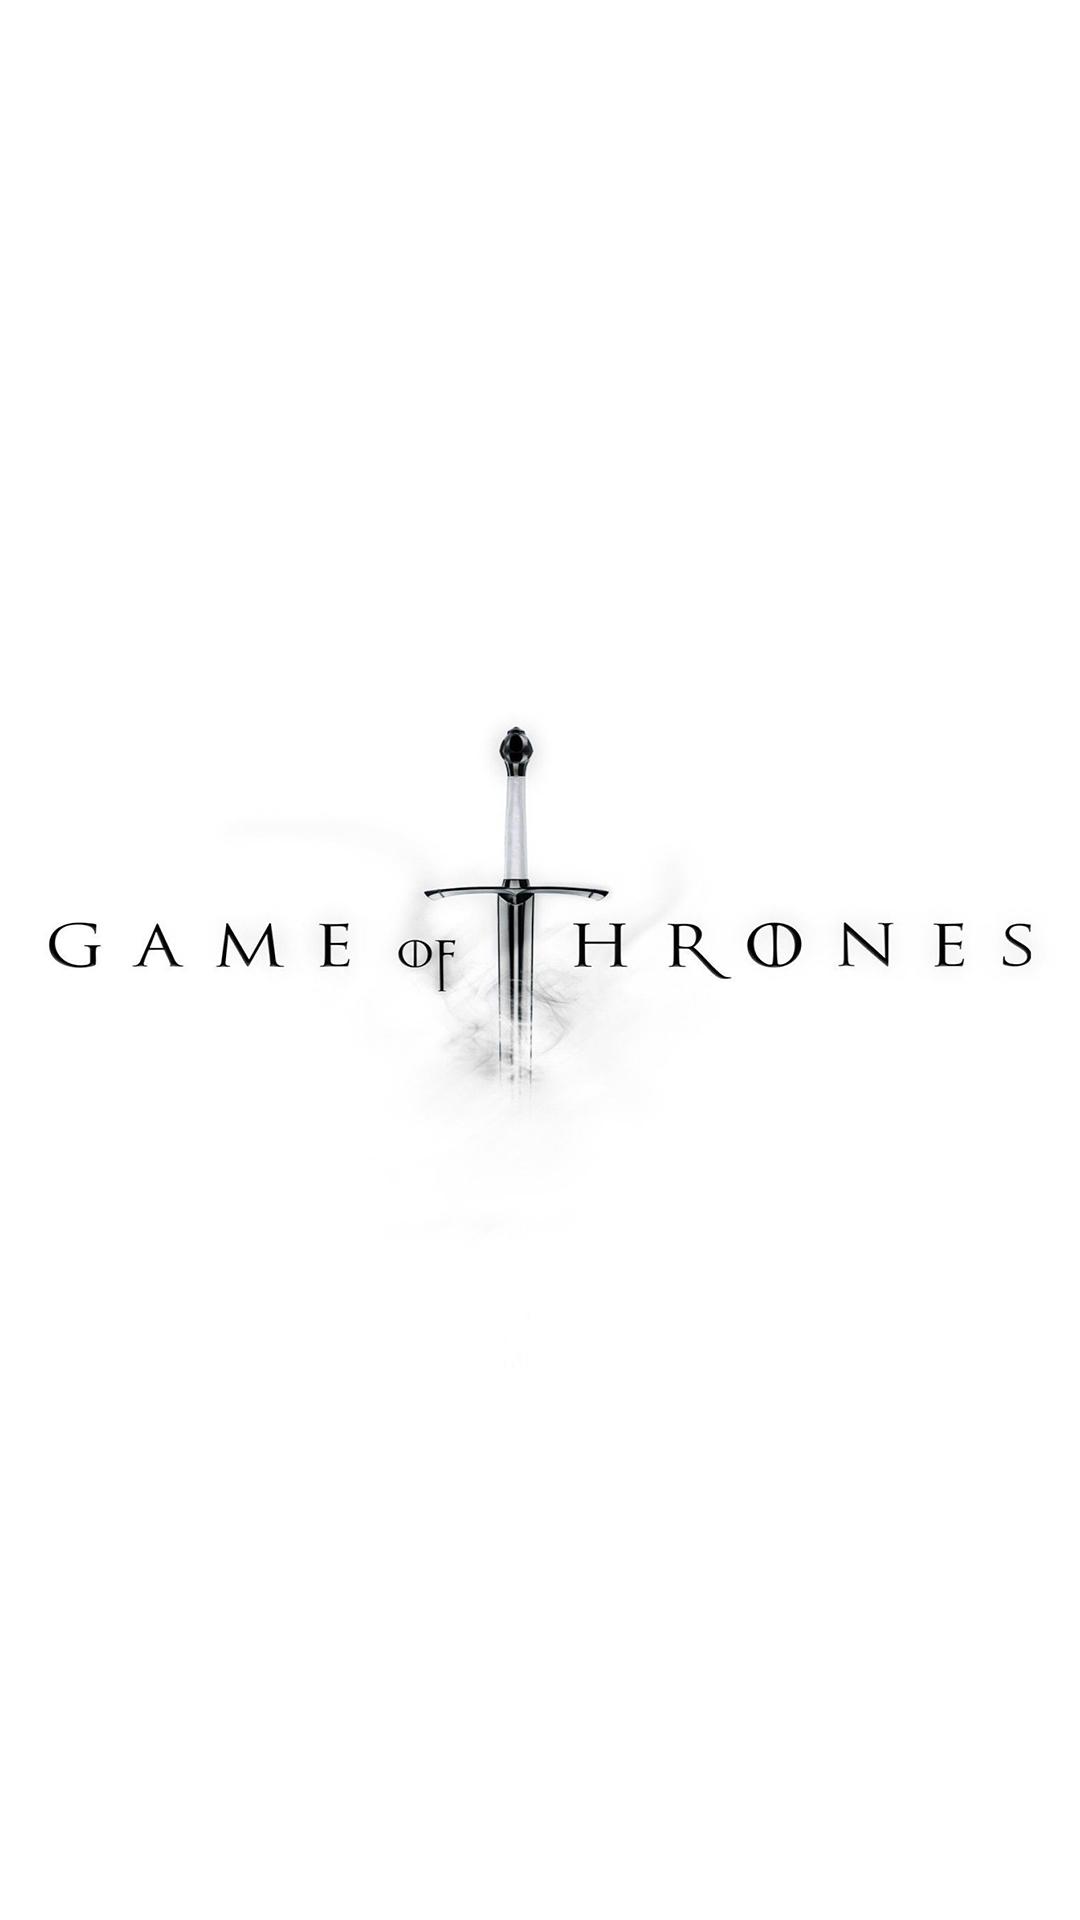 Game Of Thrones Sword Iphone Wallpaper Hd